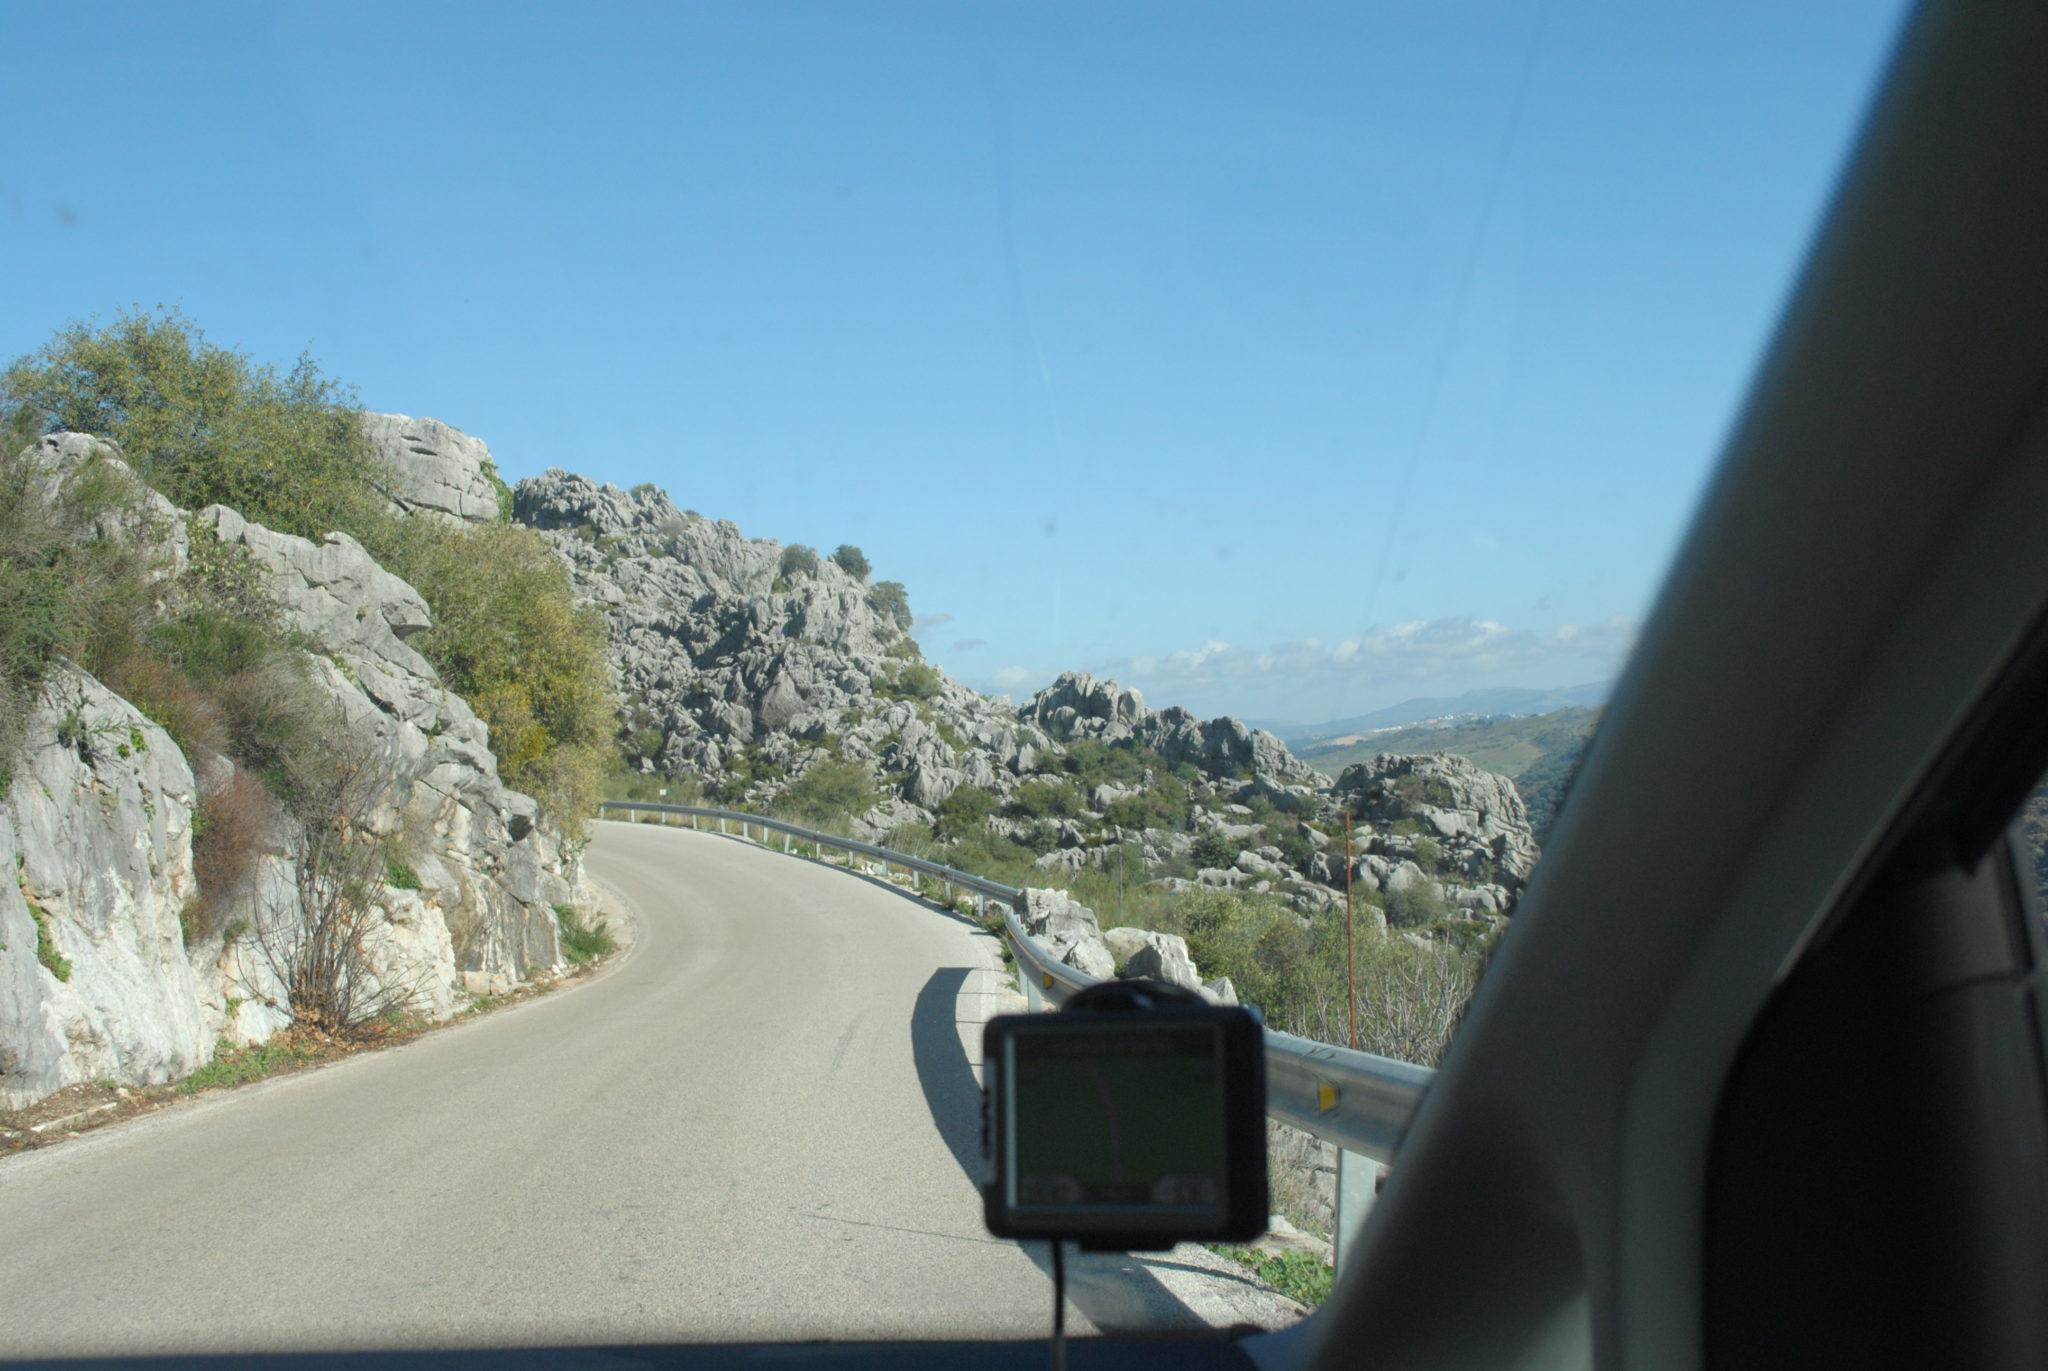 Estrada alternativa entre Vejer e Ronda